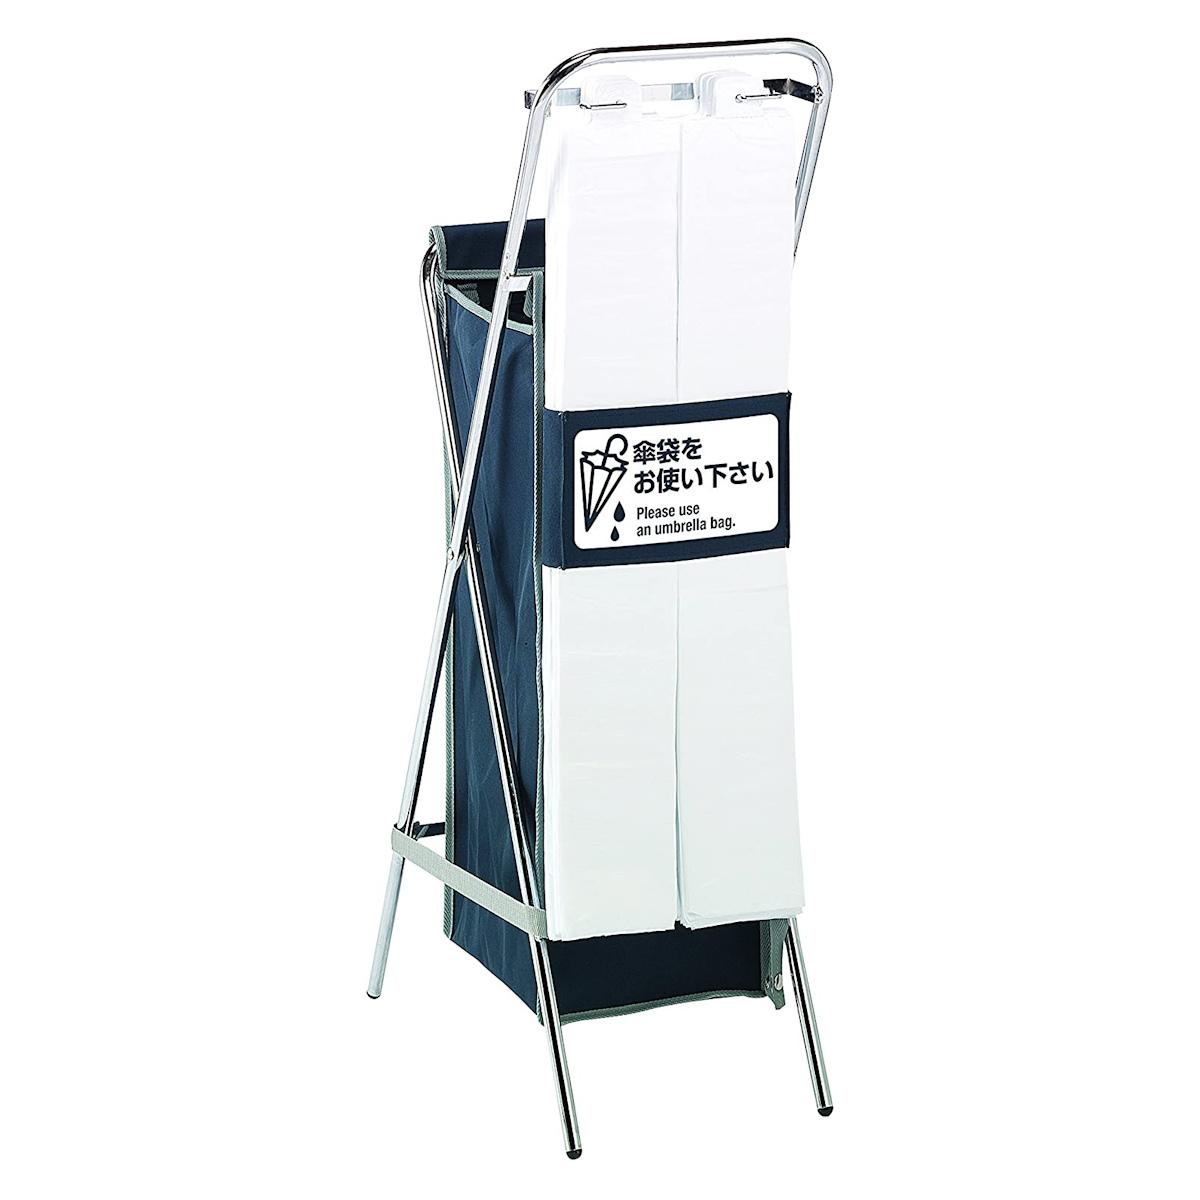 傘袋スタンド 折りたたみ式 ( 送料無料 傘袋入れ 傘袋ホルダー )